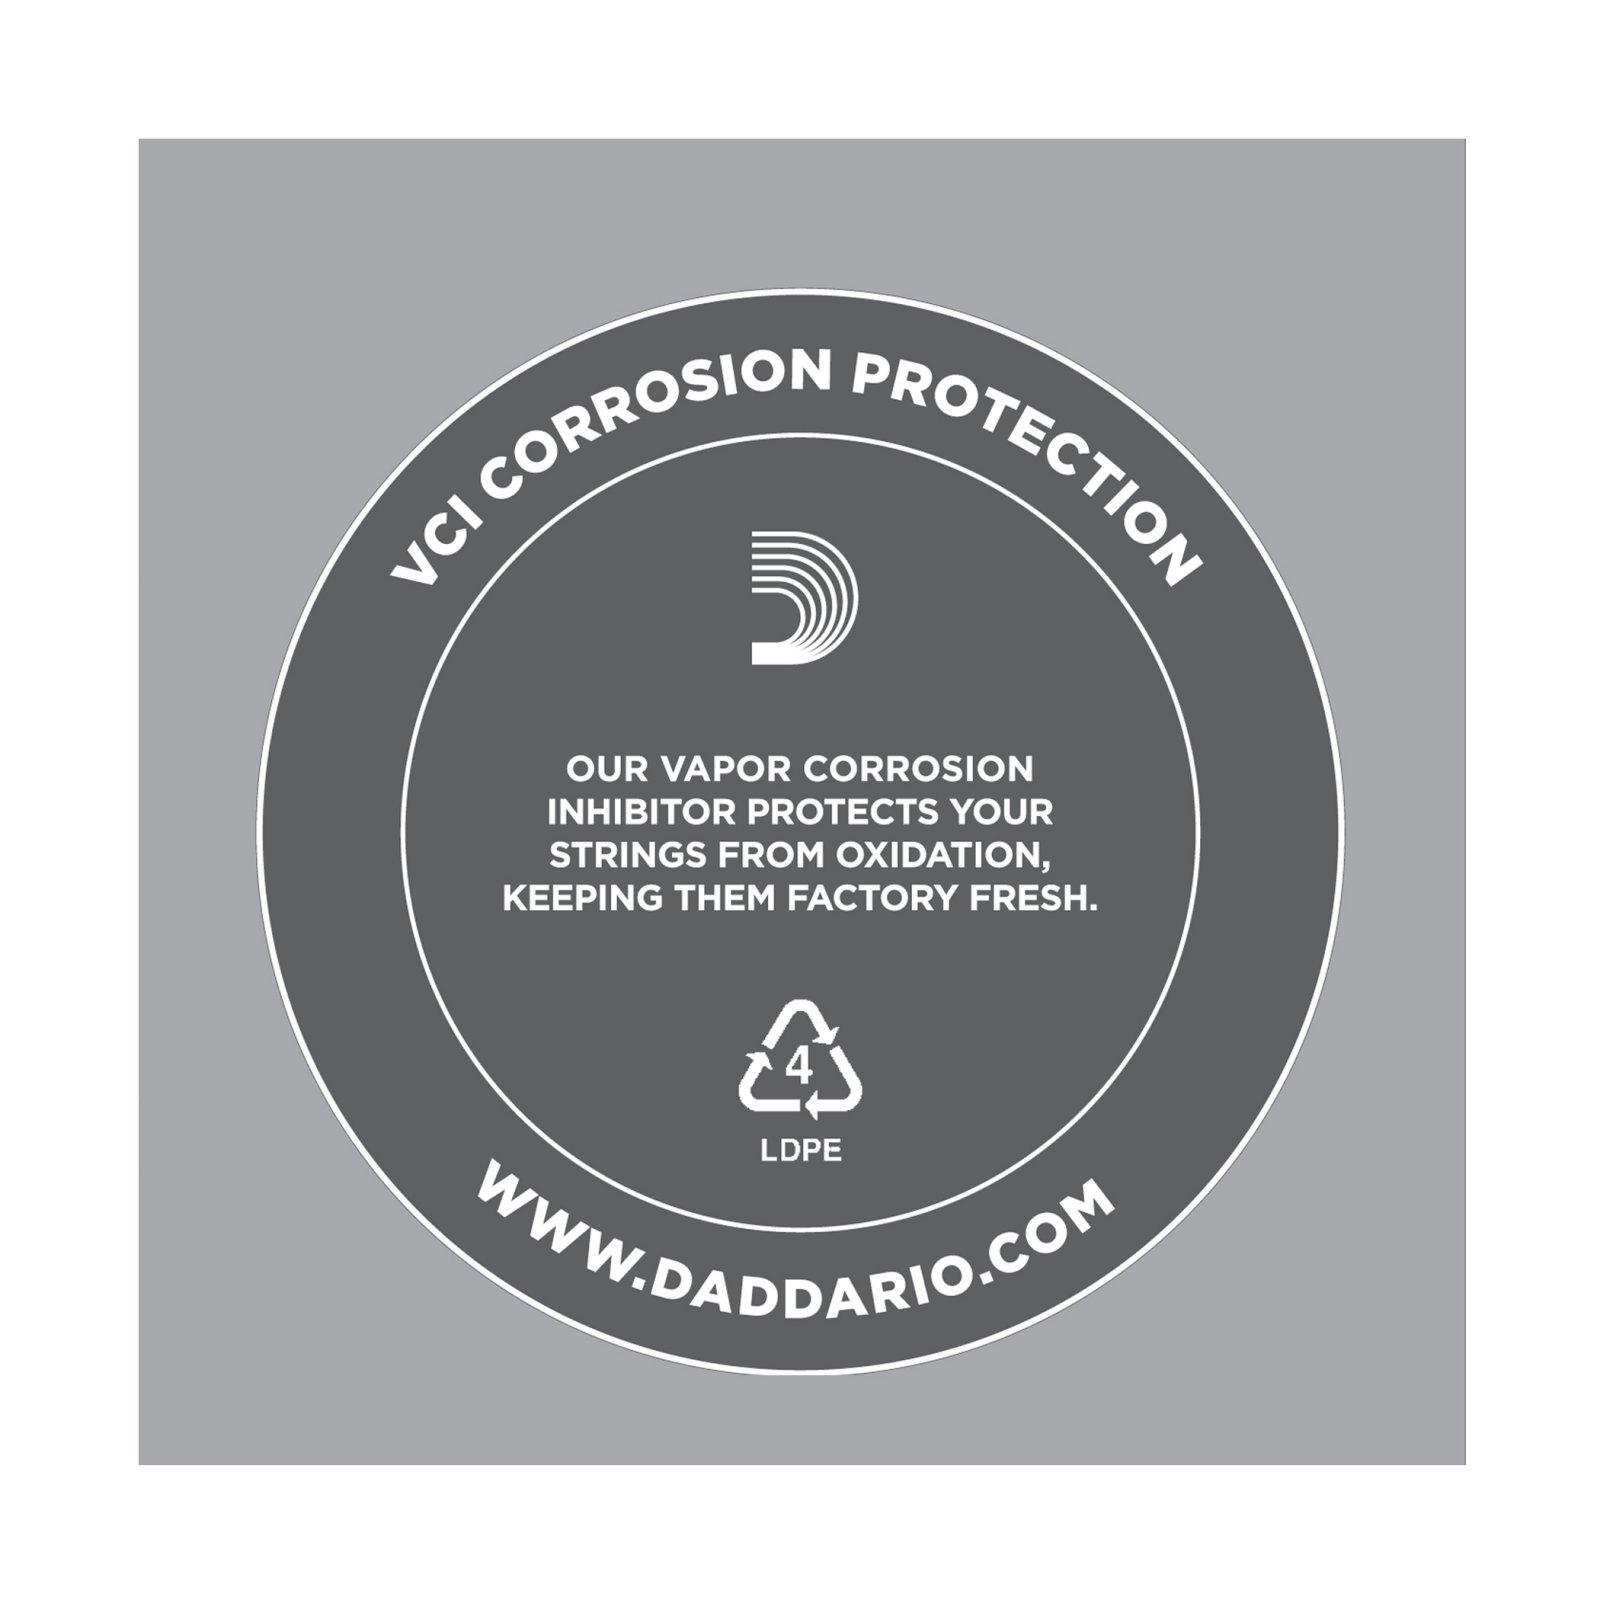 D'Addario .018 Plain Steel Guitar String